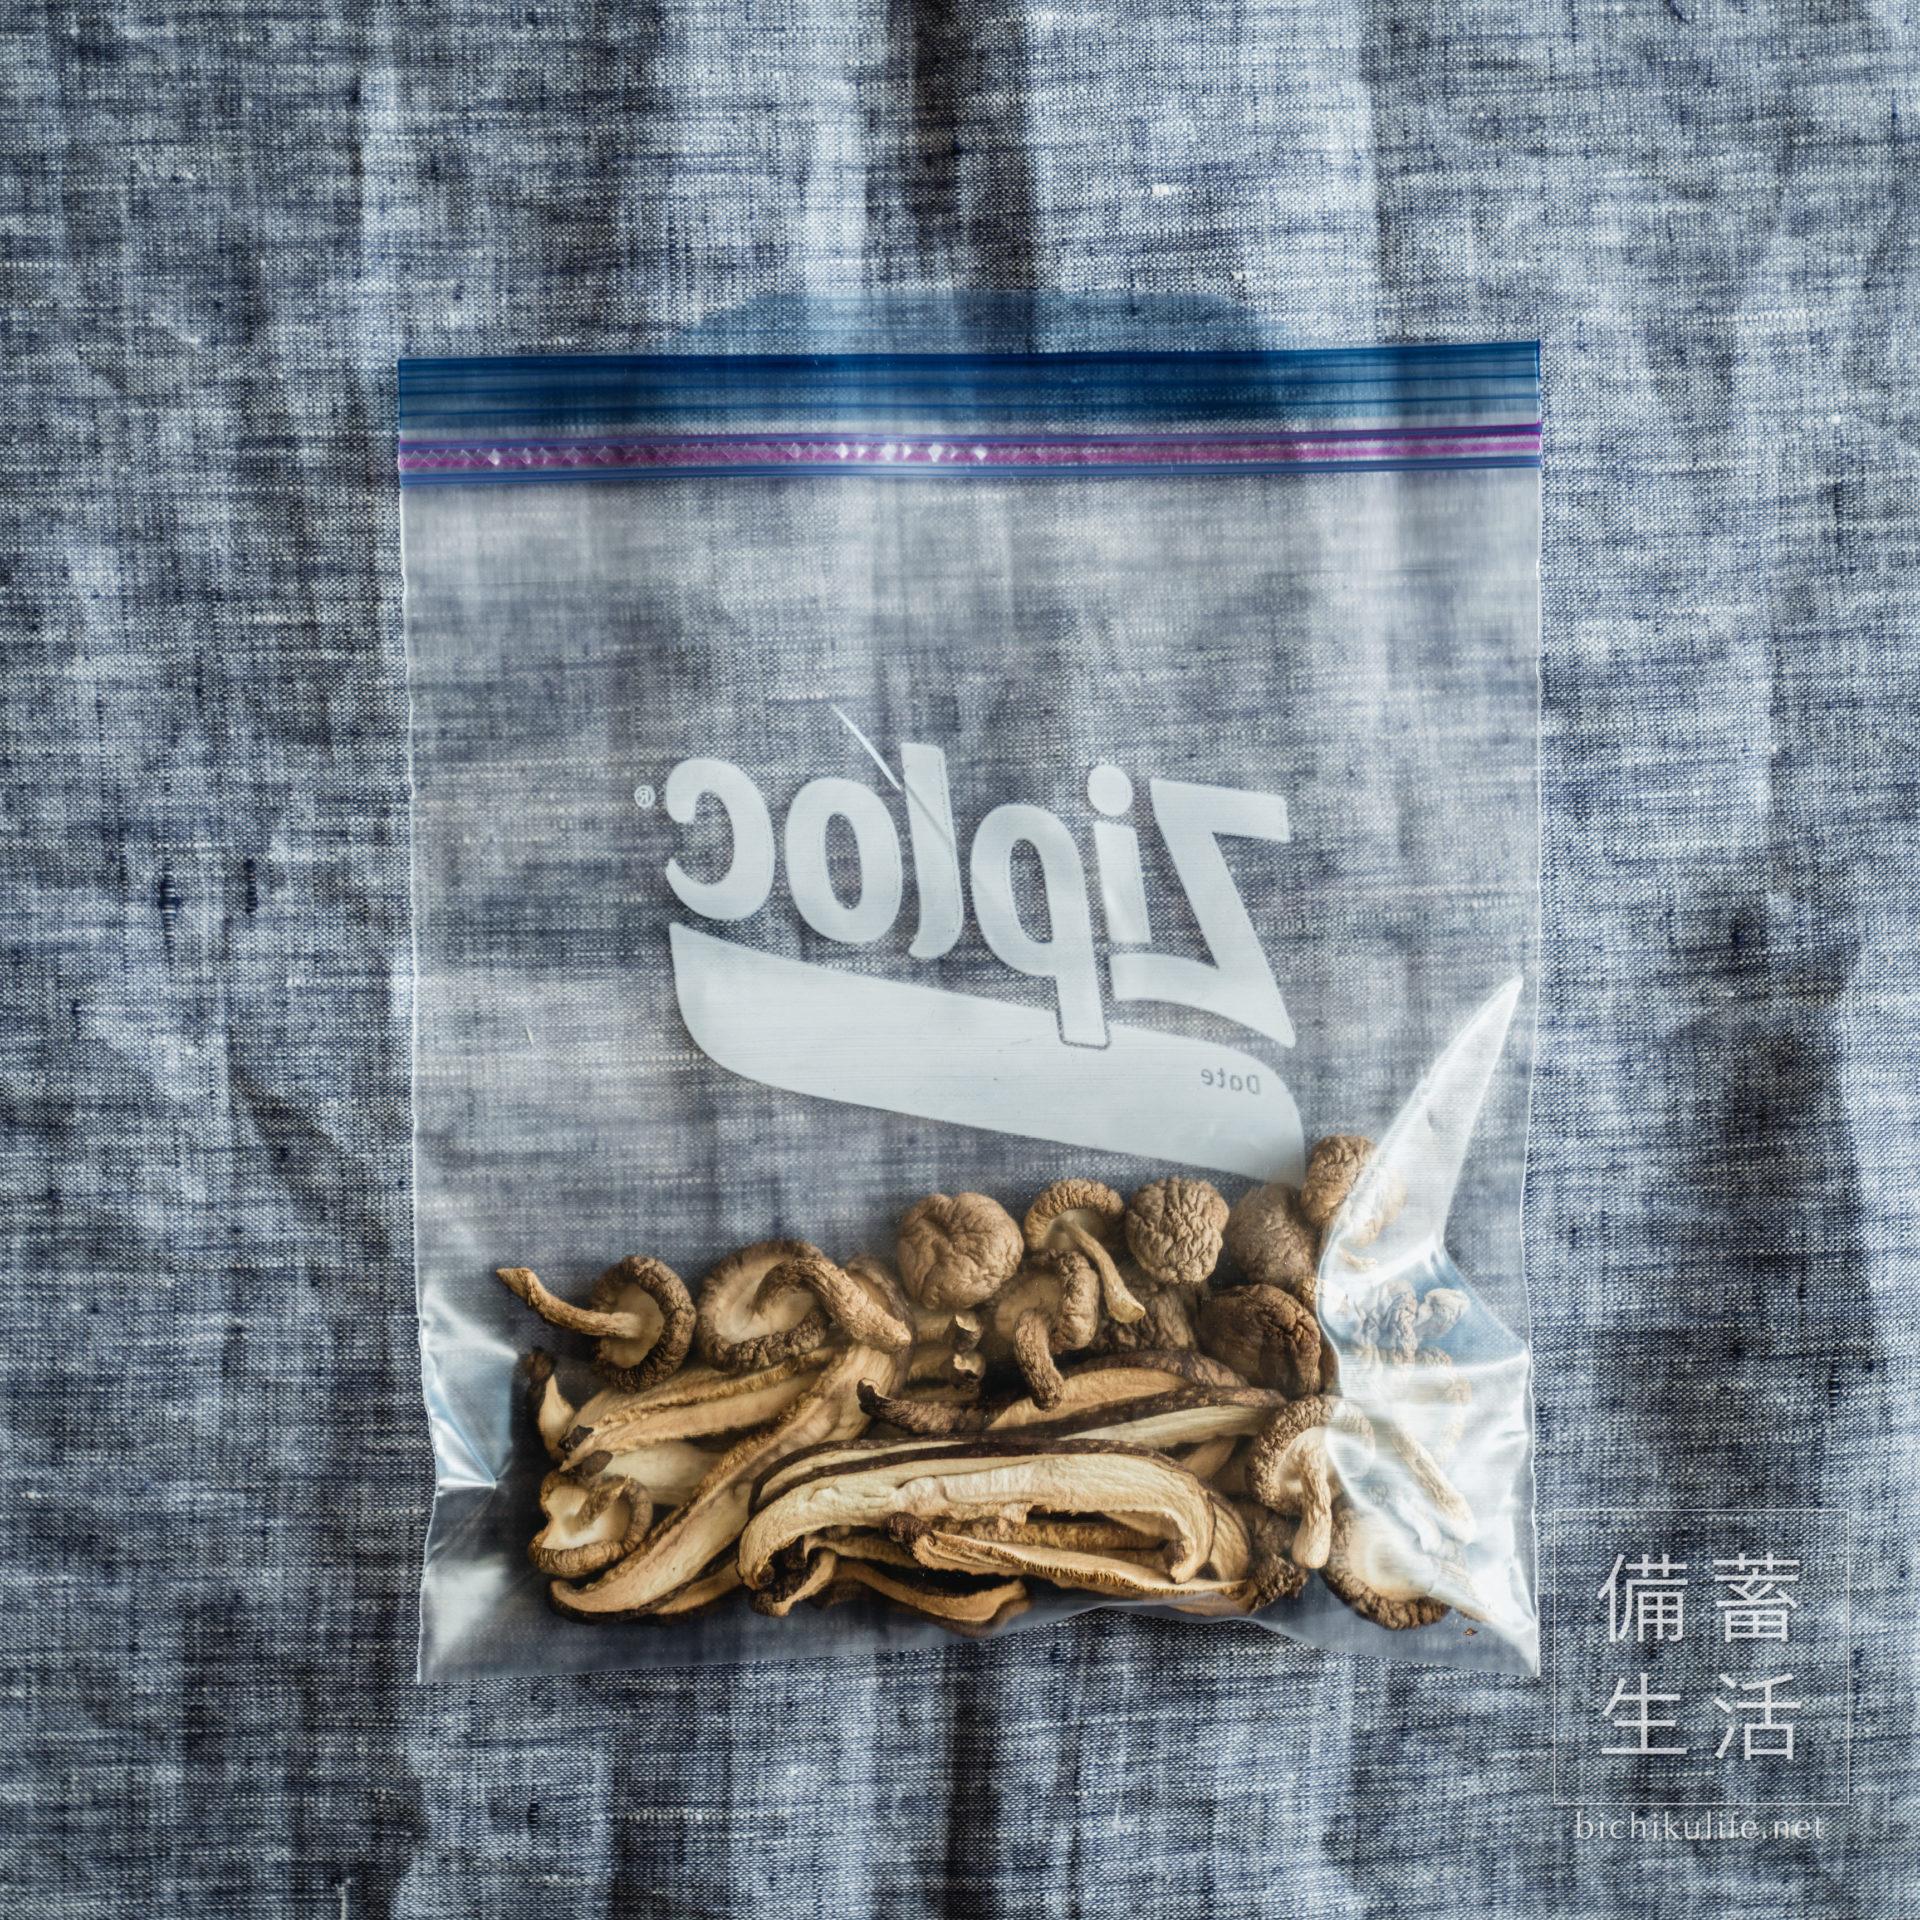 干し椎茸をジップロック(保存袋)で保存